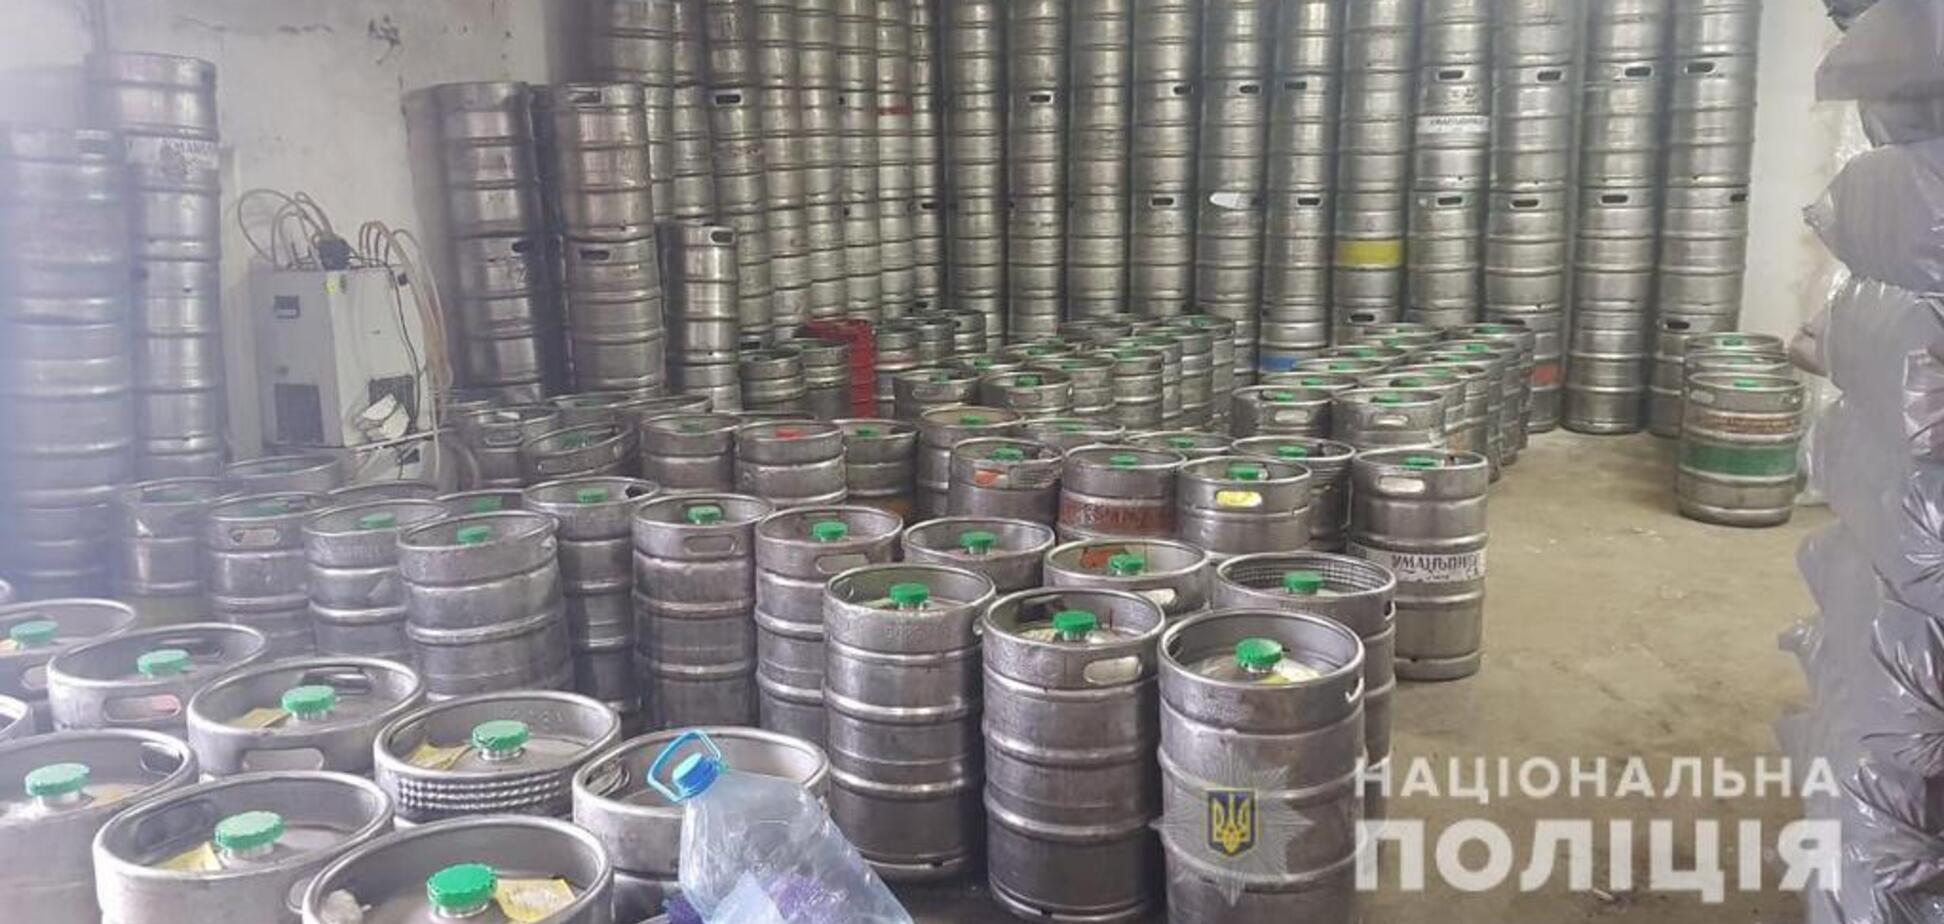 Полицейские изъяли тысячи литров алкоголя на рынке в Днепре